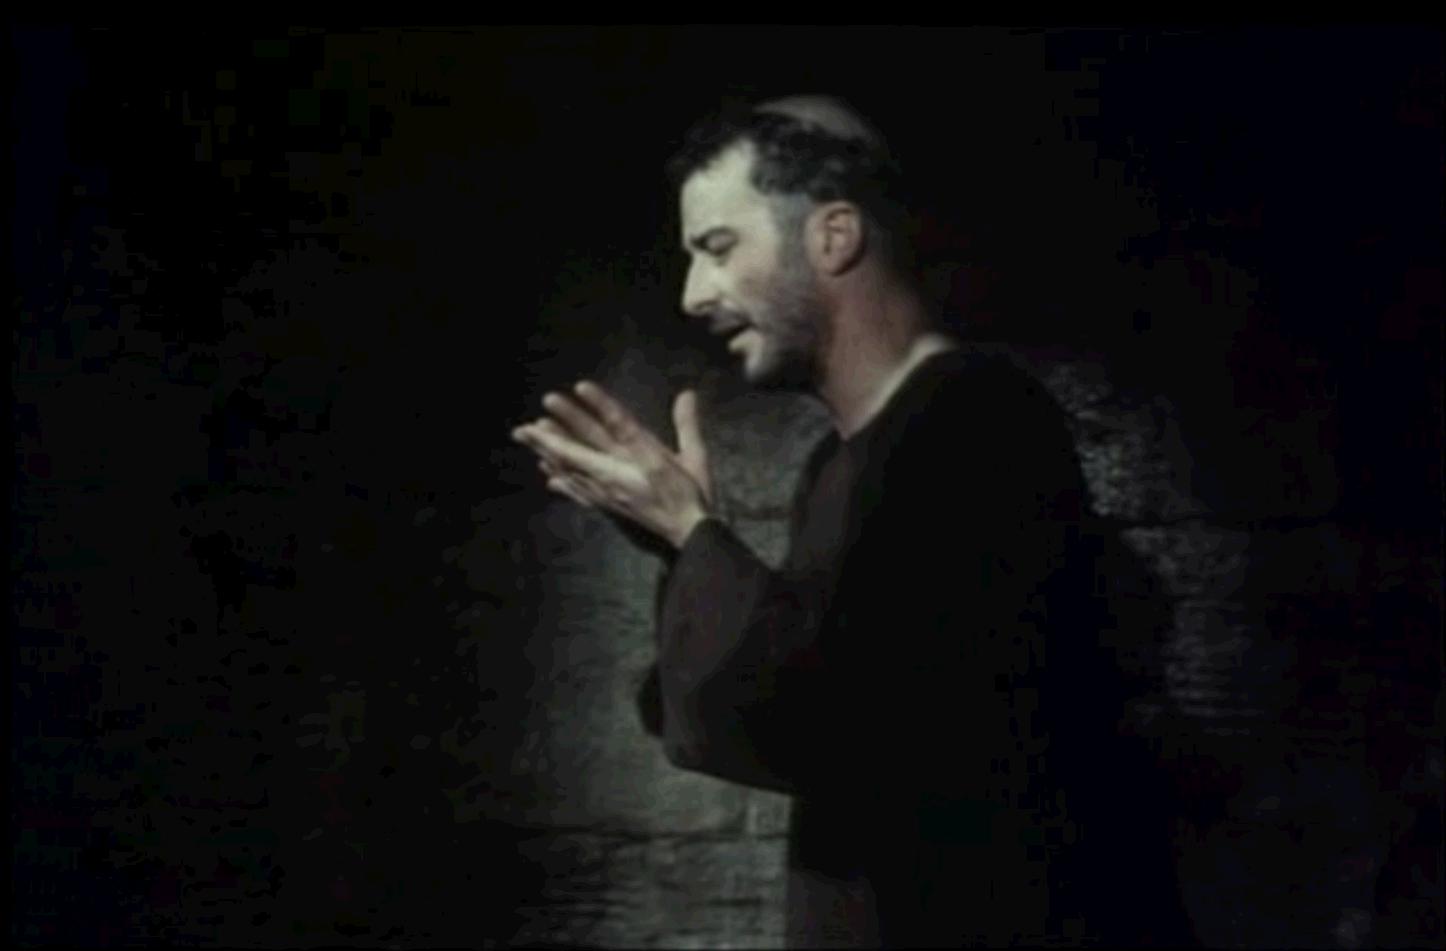 Fotograma de la pel cula la noche oscura de carlos saura 1988